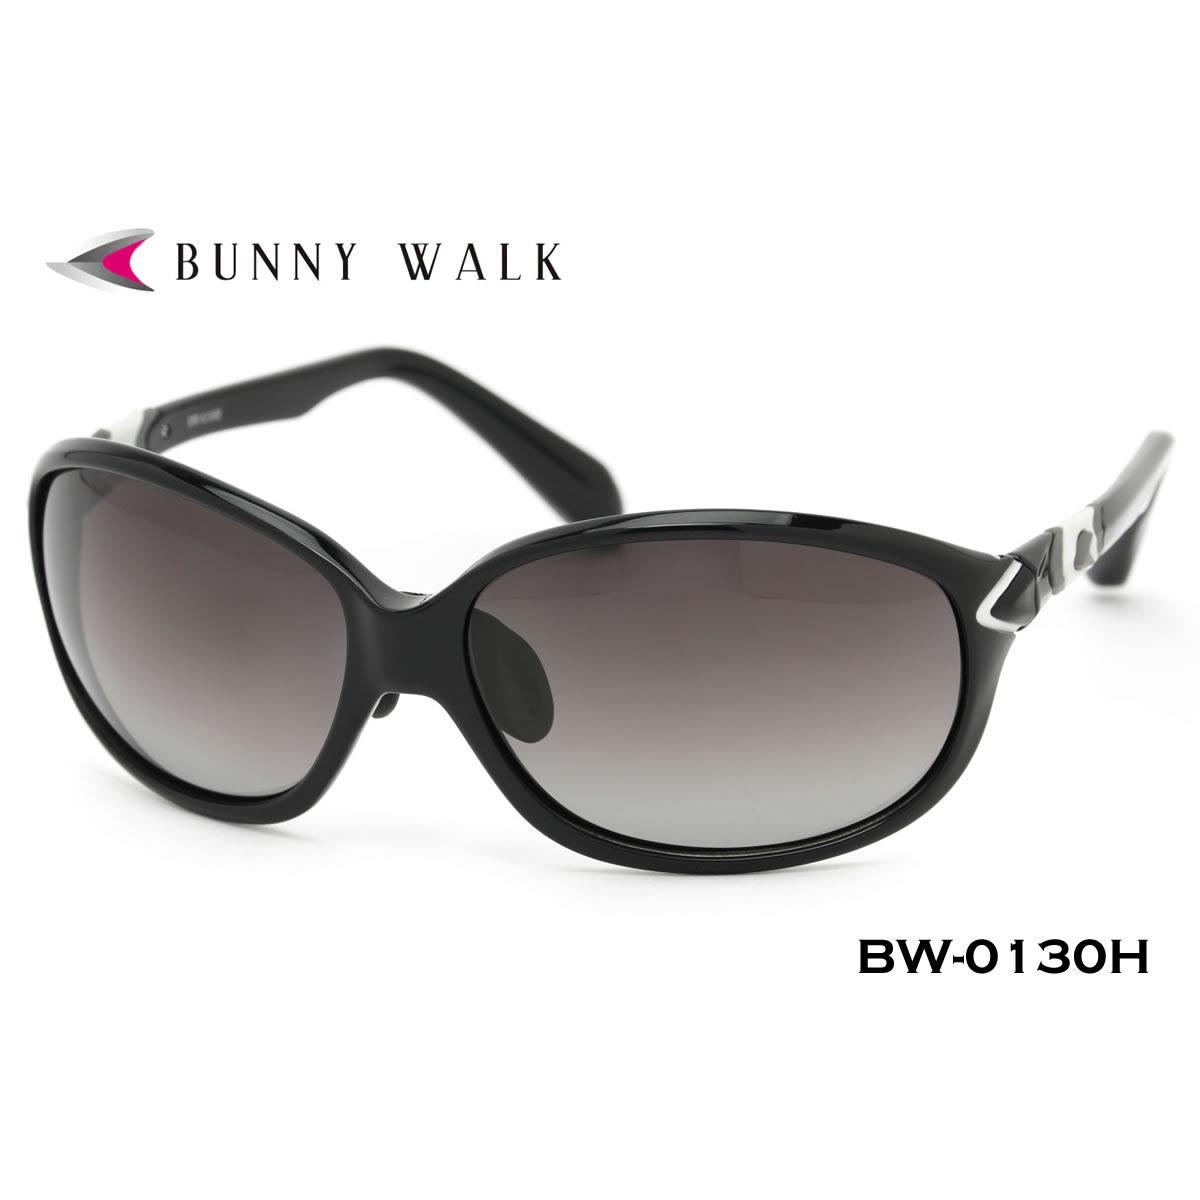 スポーツウェア・アクセサリー, スポーツサングラス BUNNY WALK BW-0130H 65 ZEAL